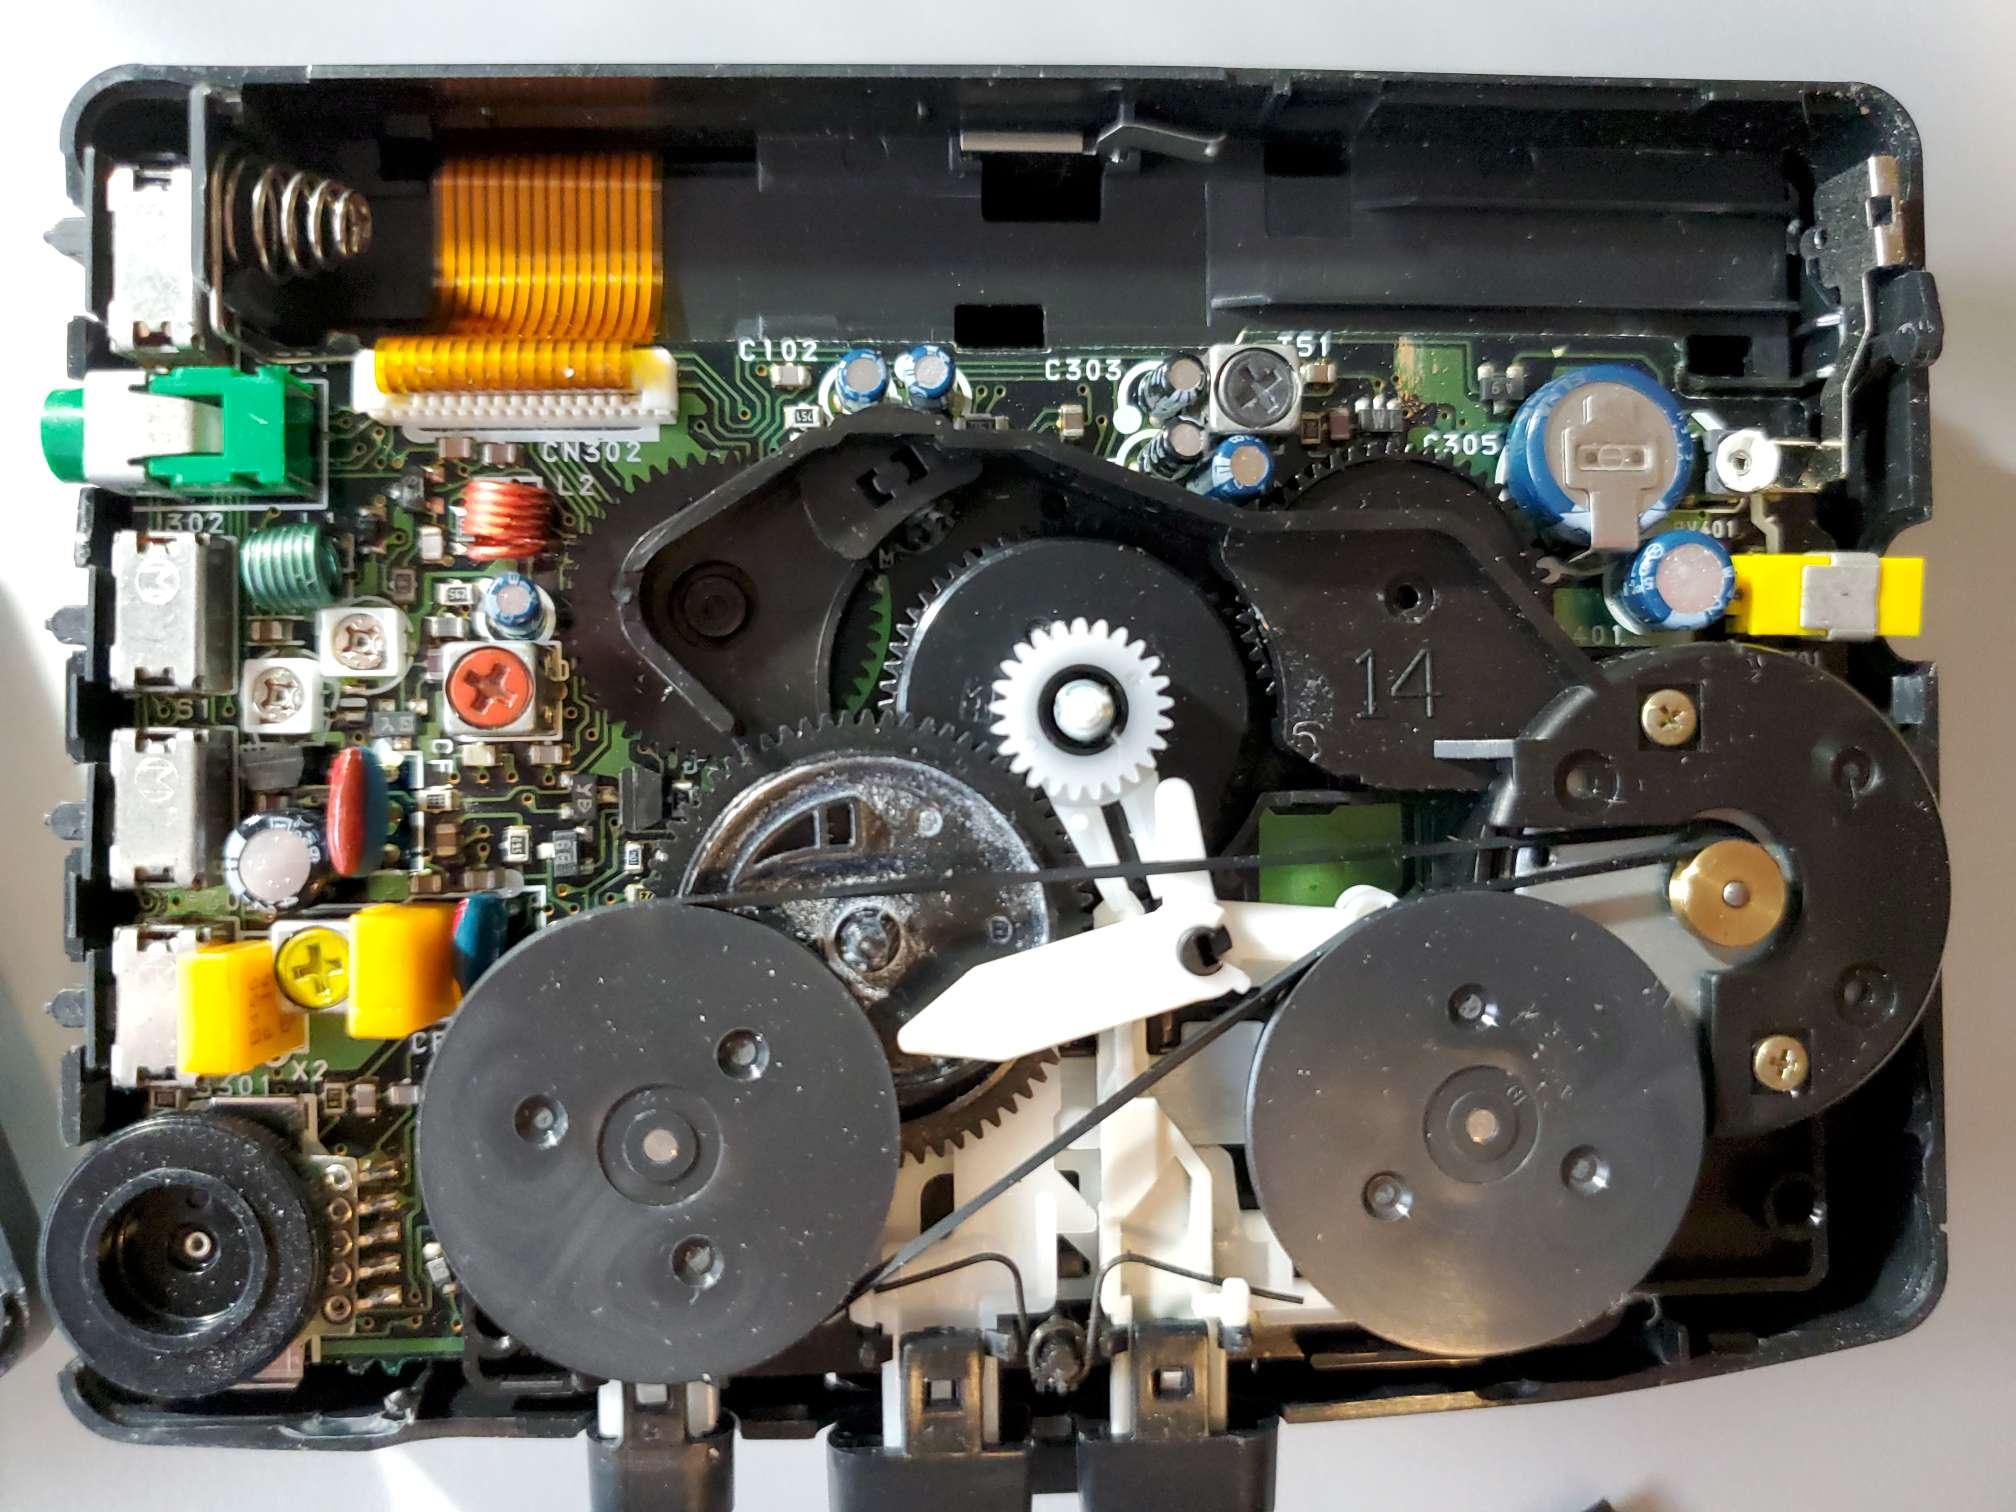 Sony Walkman WM-FX28 with Tangled Belt